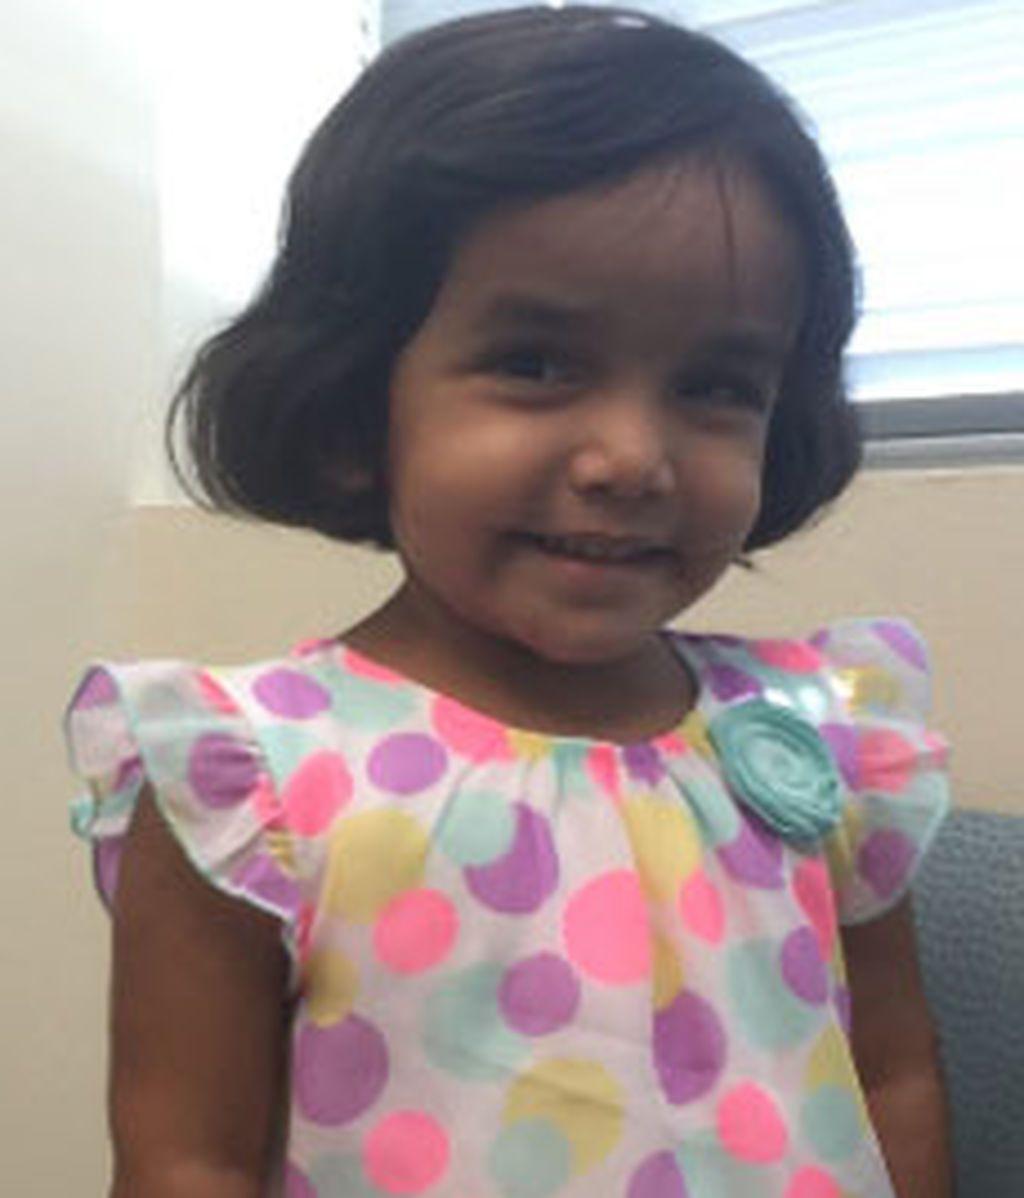 Desaparece una niña en Texas después de que su padre le abandonase en un callejón